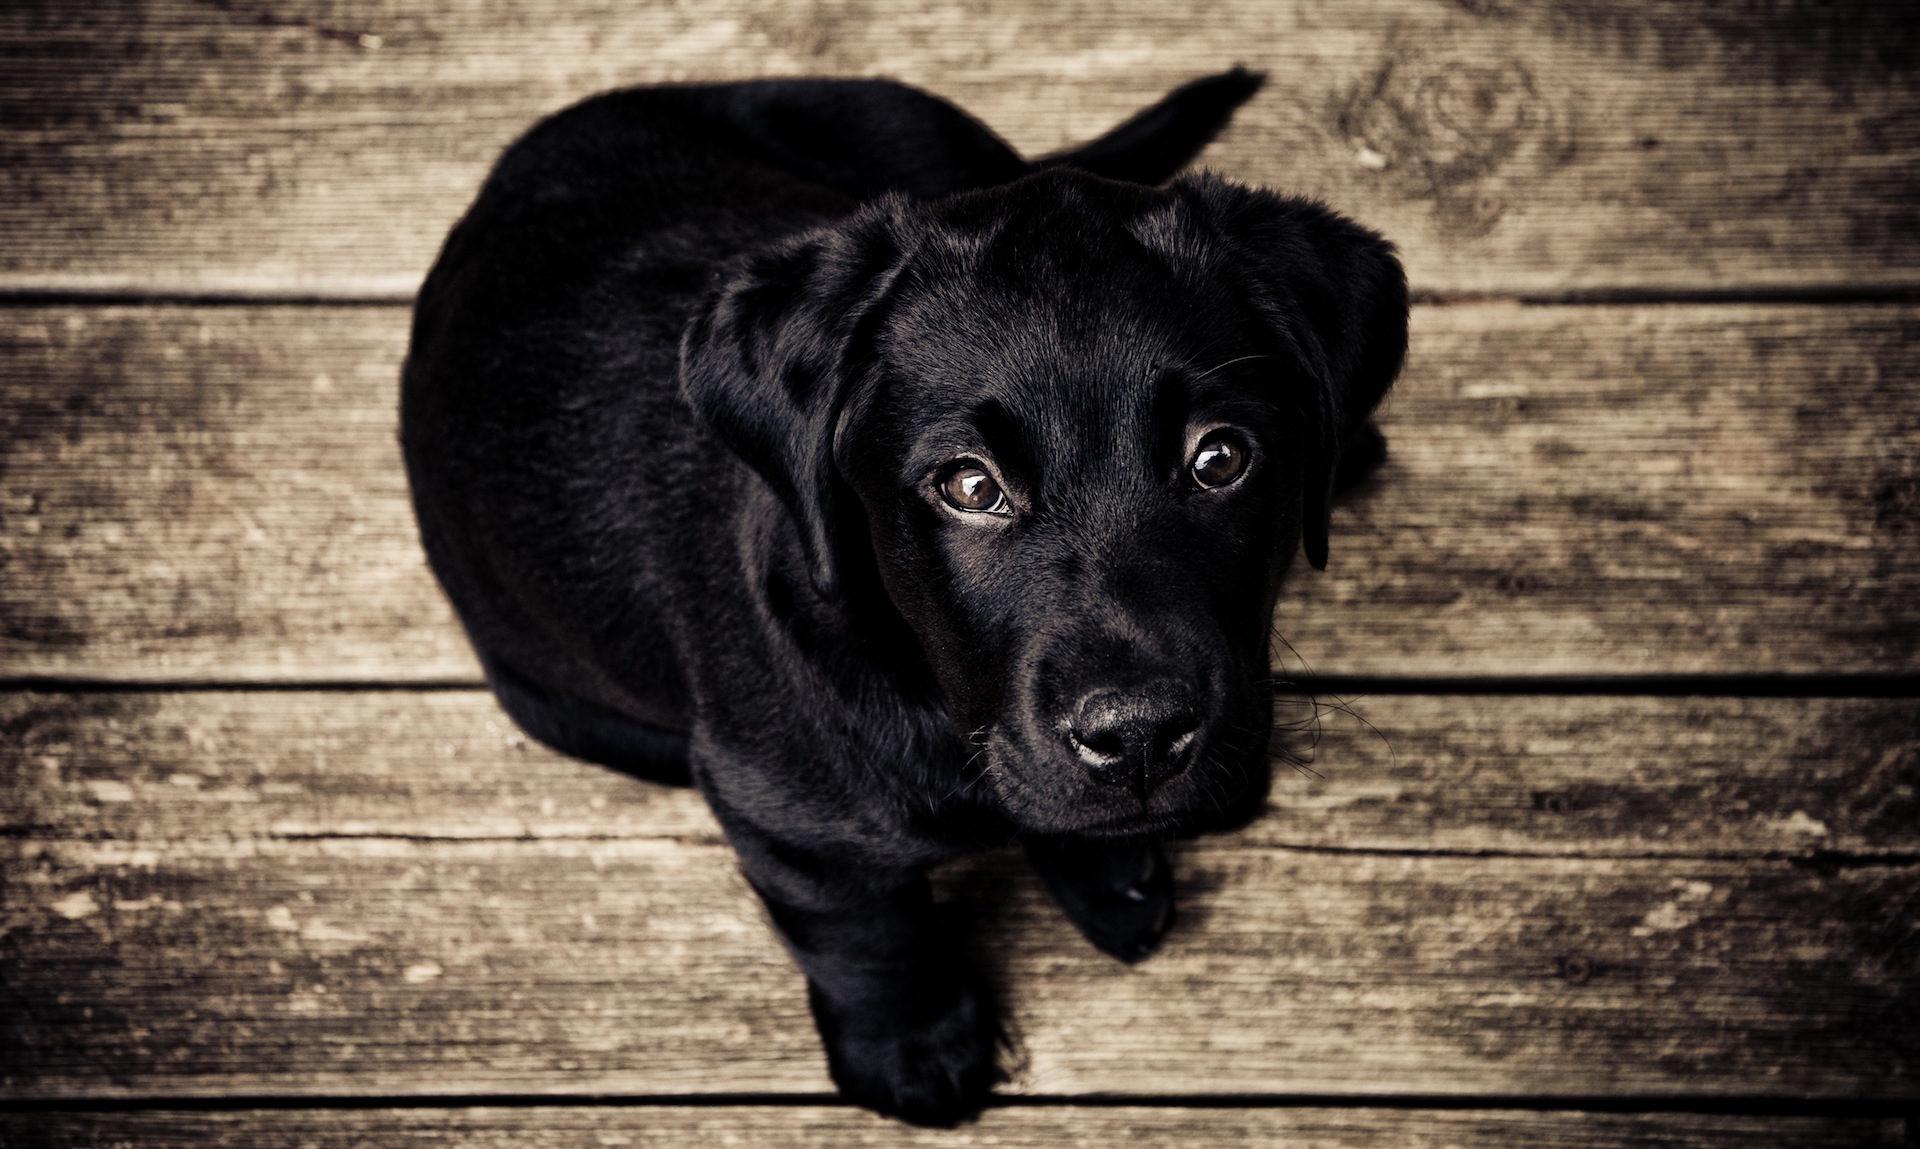 cão, Preto, Olha, olhos, madeira - Papéis de parede HD - Professor-falken.com